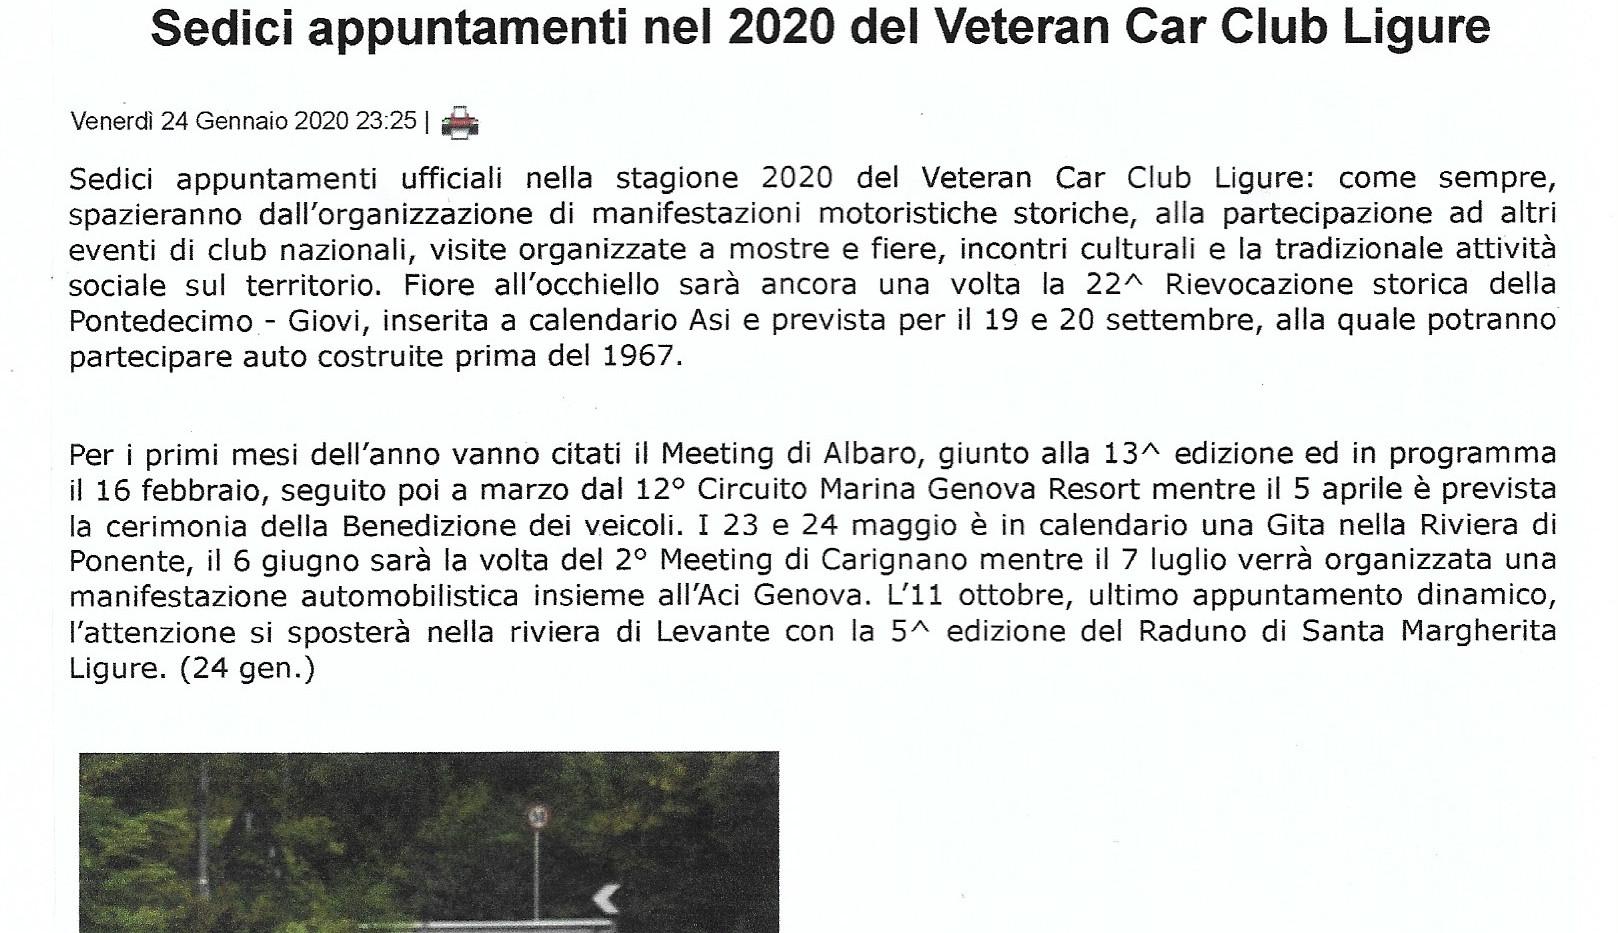 4 24 gennaio Liguriamotori.org.jpeg